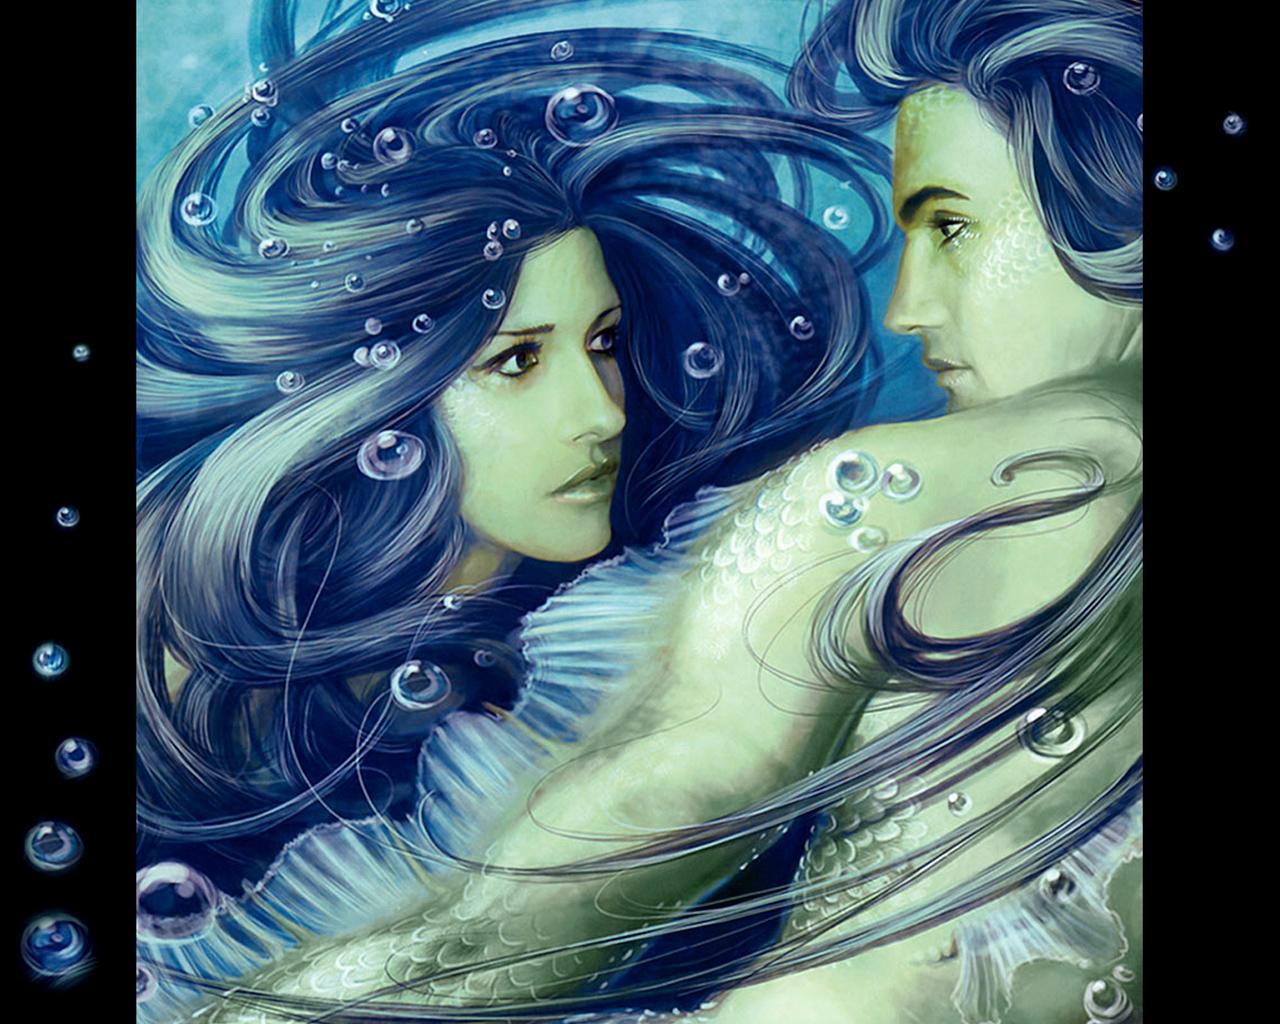 real mermaid wallpapers wallpapersafari